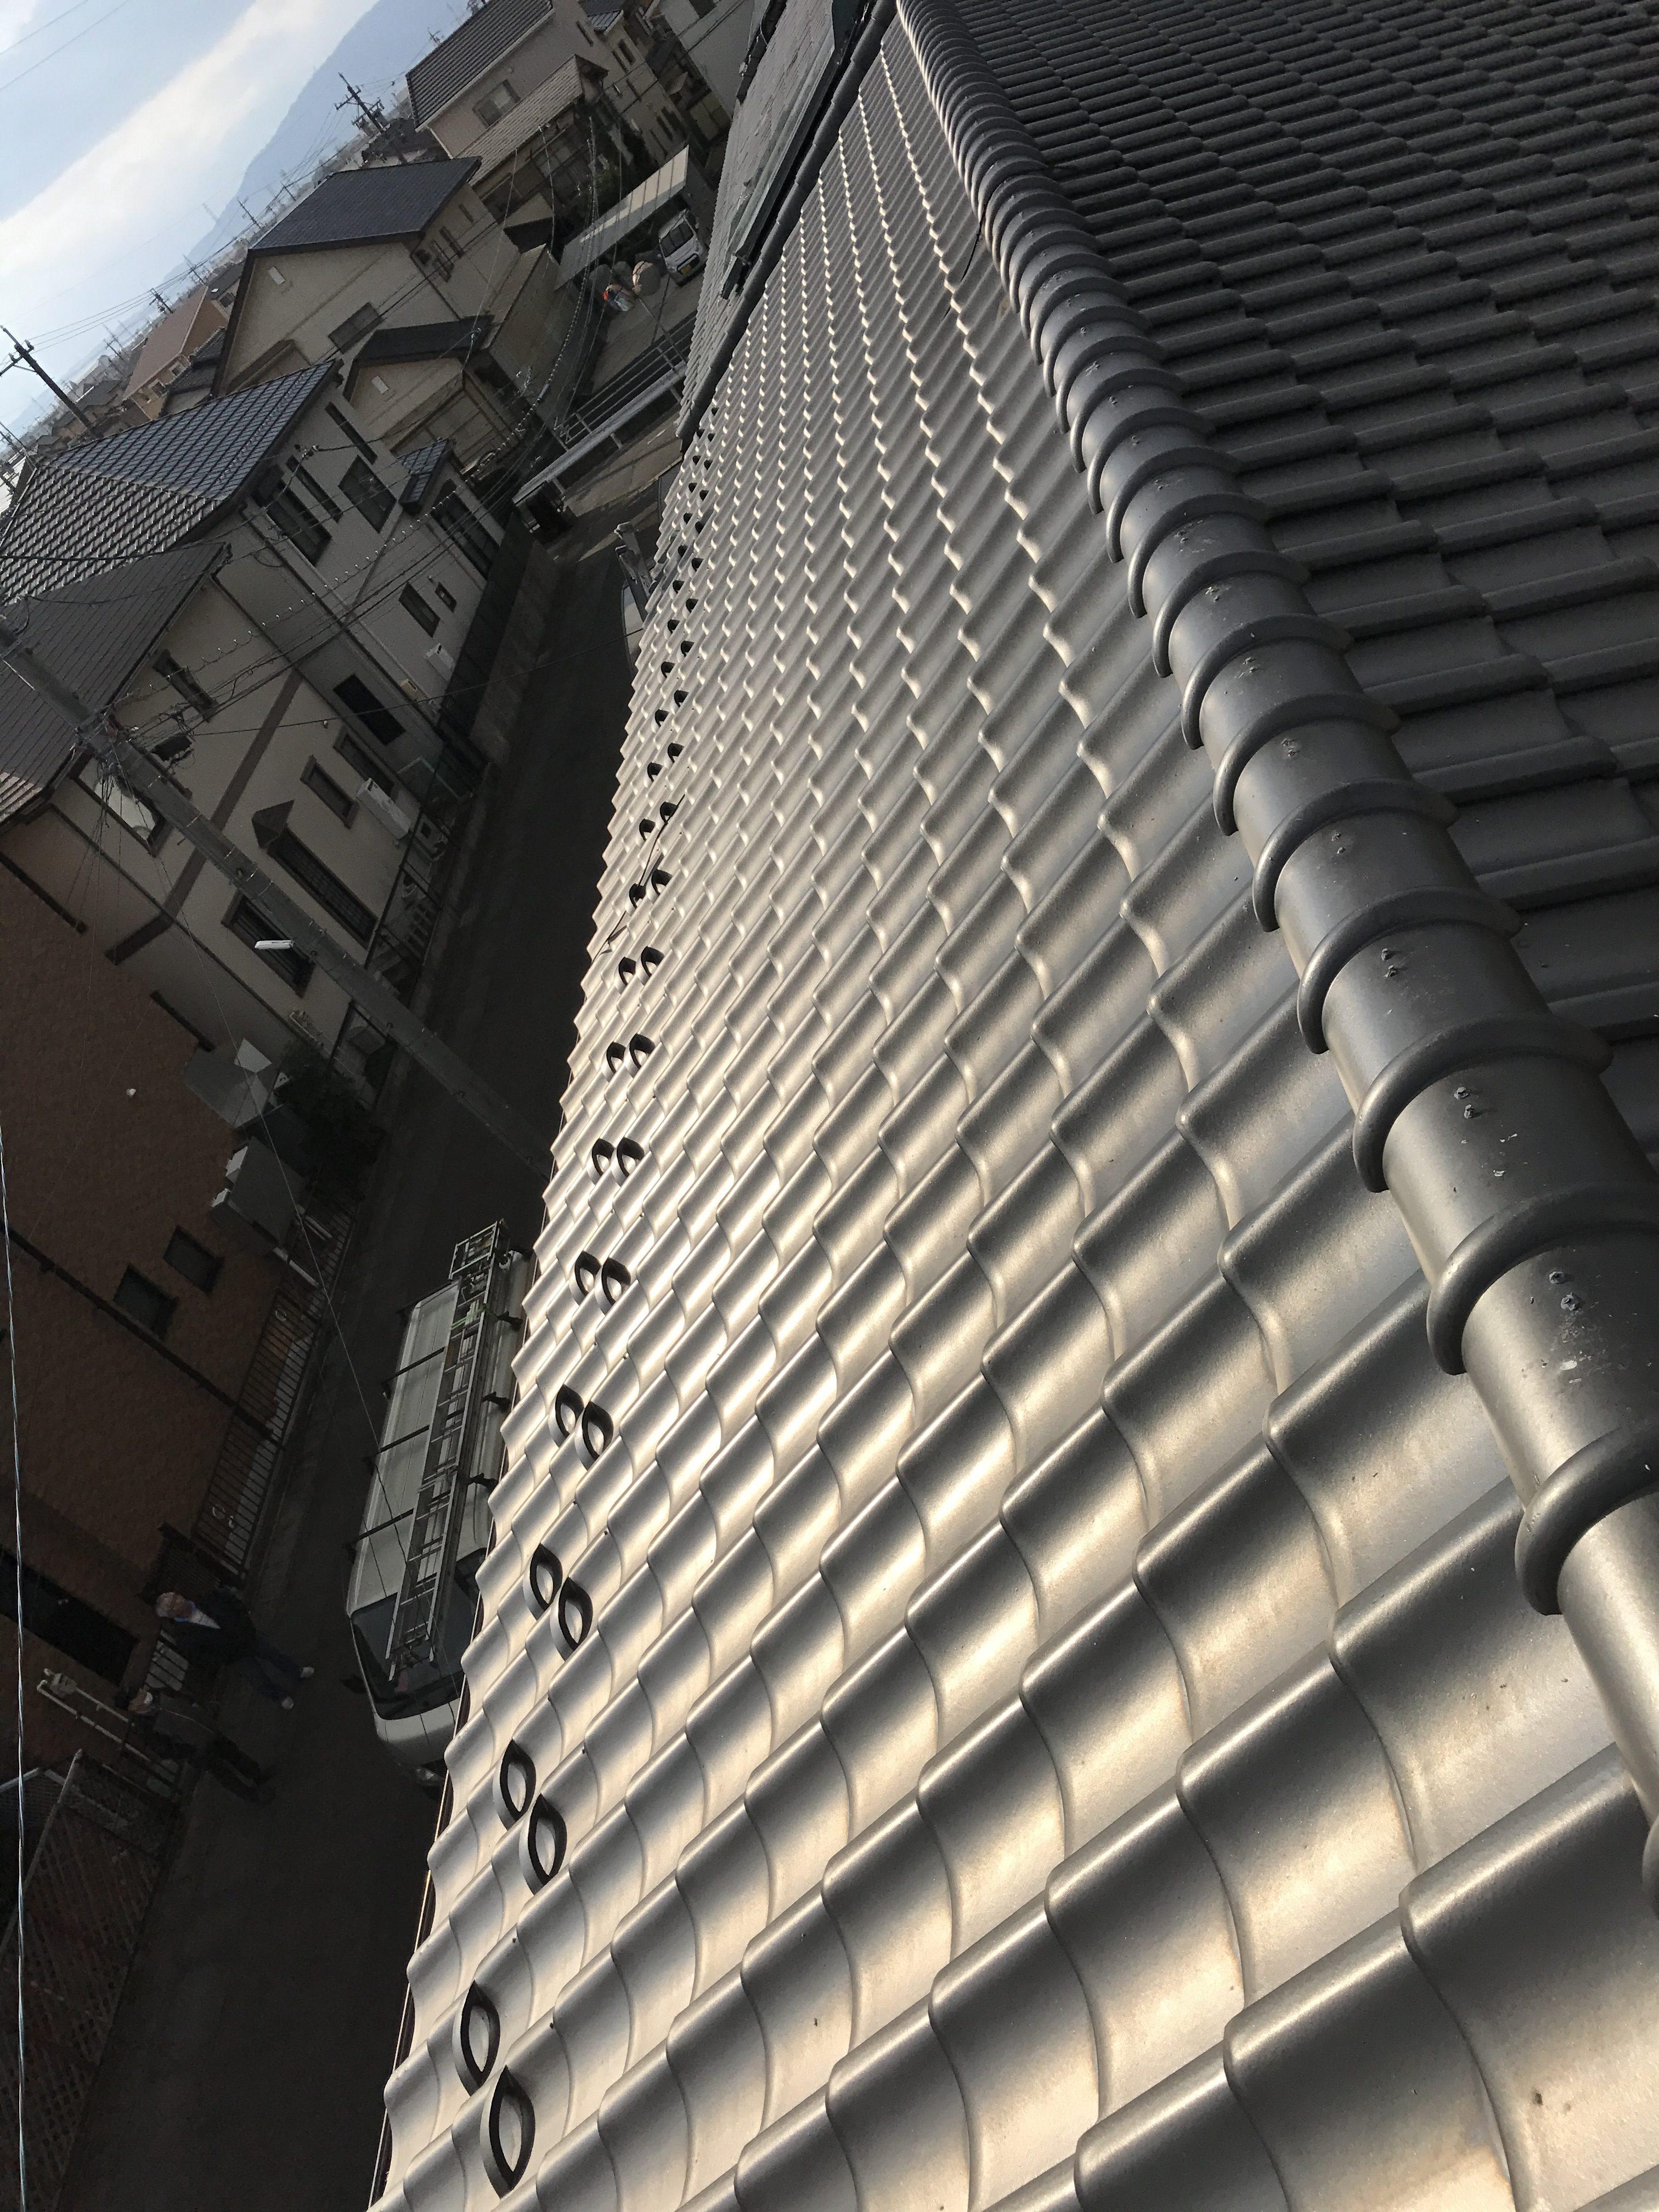 大阪府三菱太陽光パネル 21枚PV-MA2250M施工前の写真